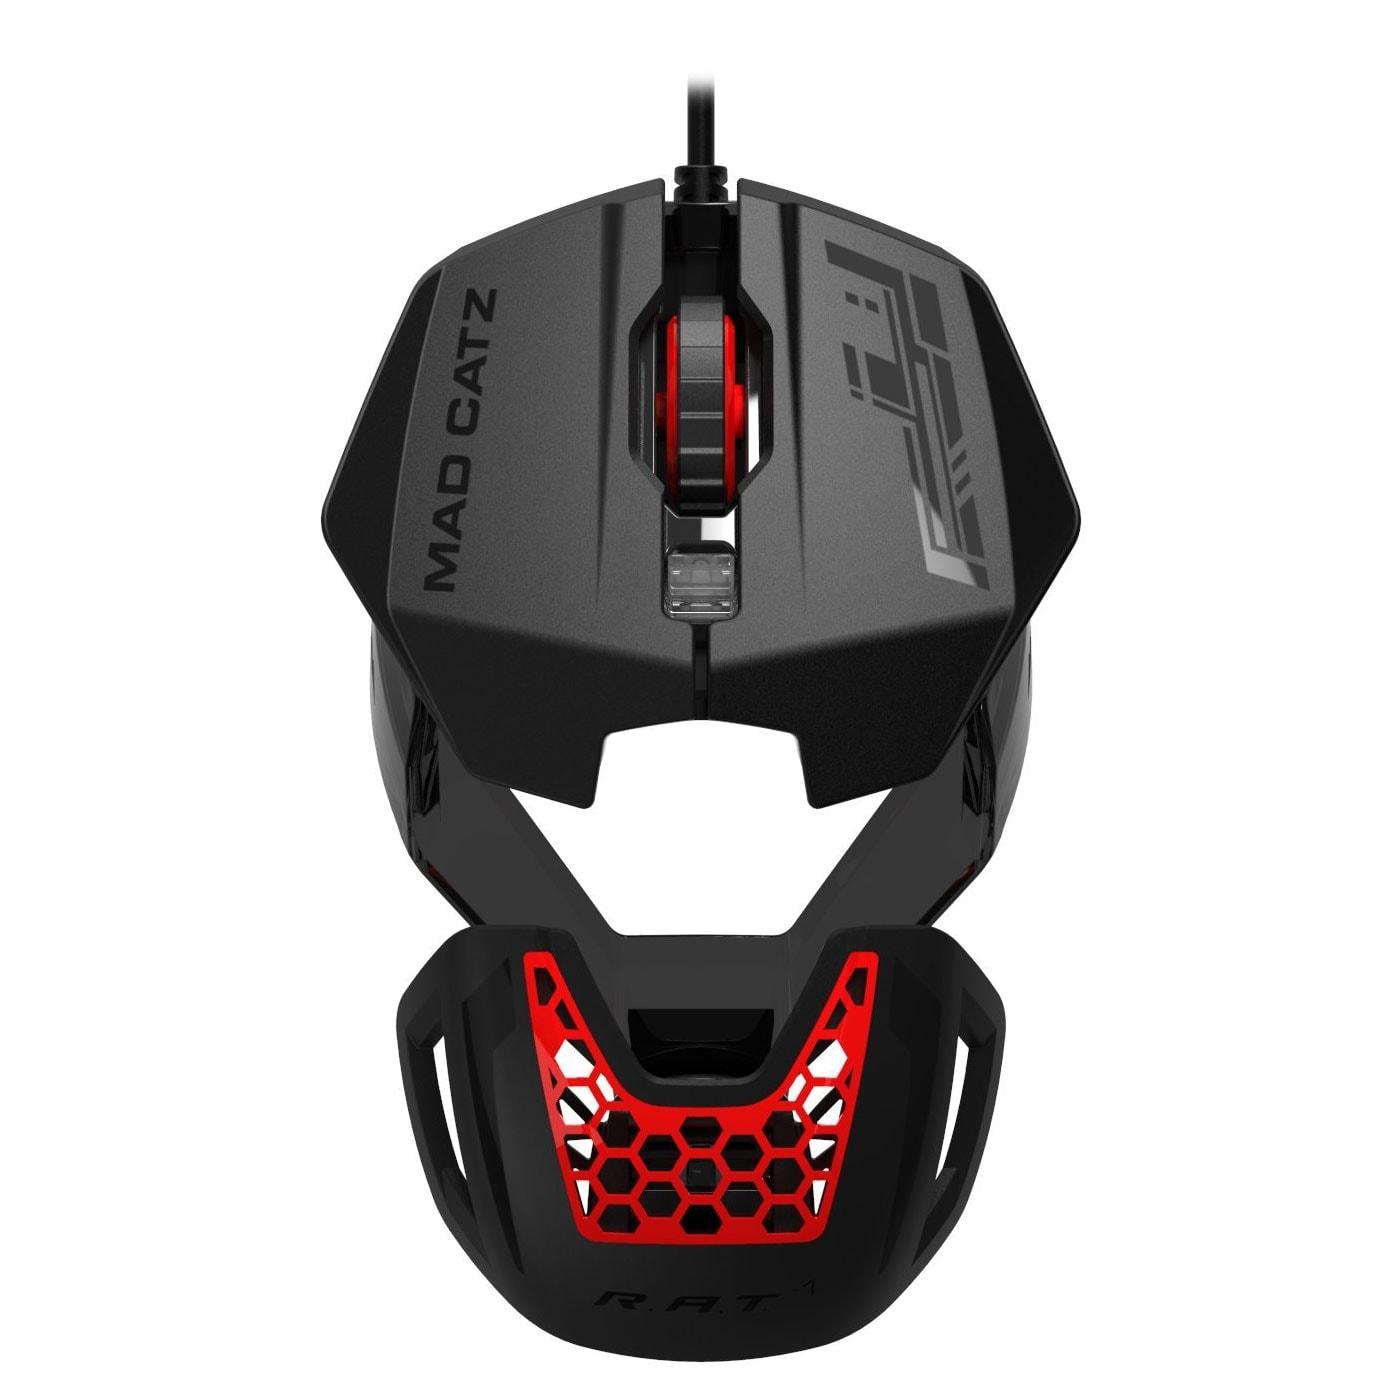 MAD CATZ R.A.T 1 Noire - Souris PC MAD CATZ - Cybertek.fr - 0